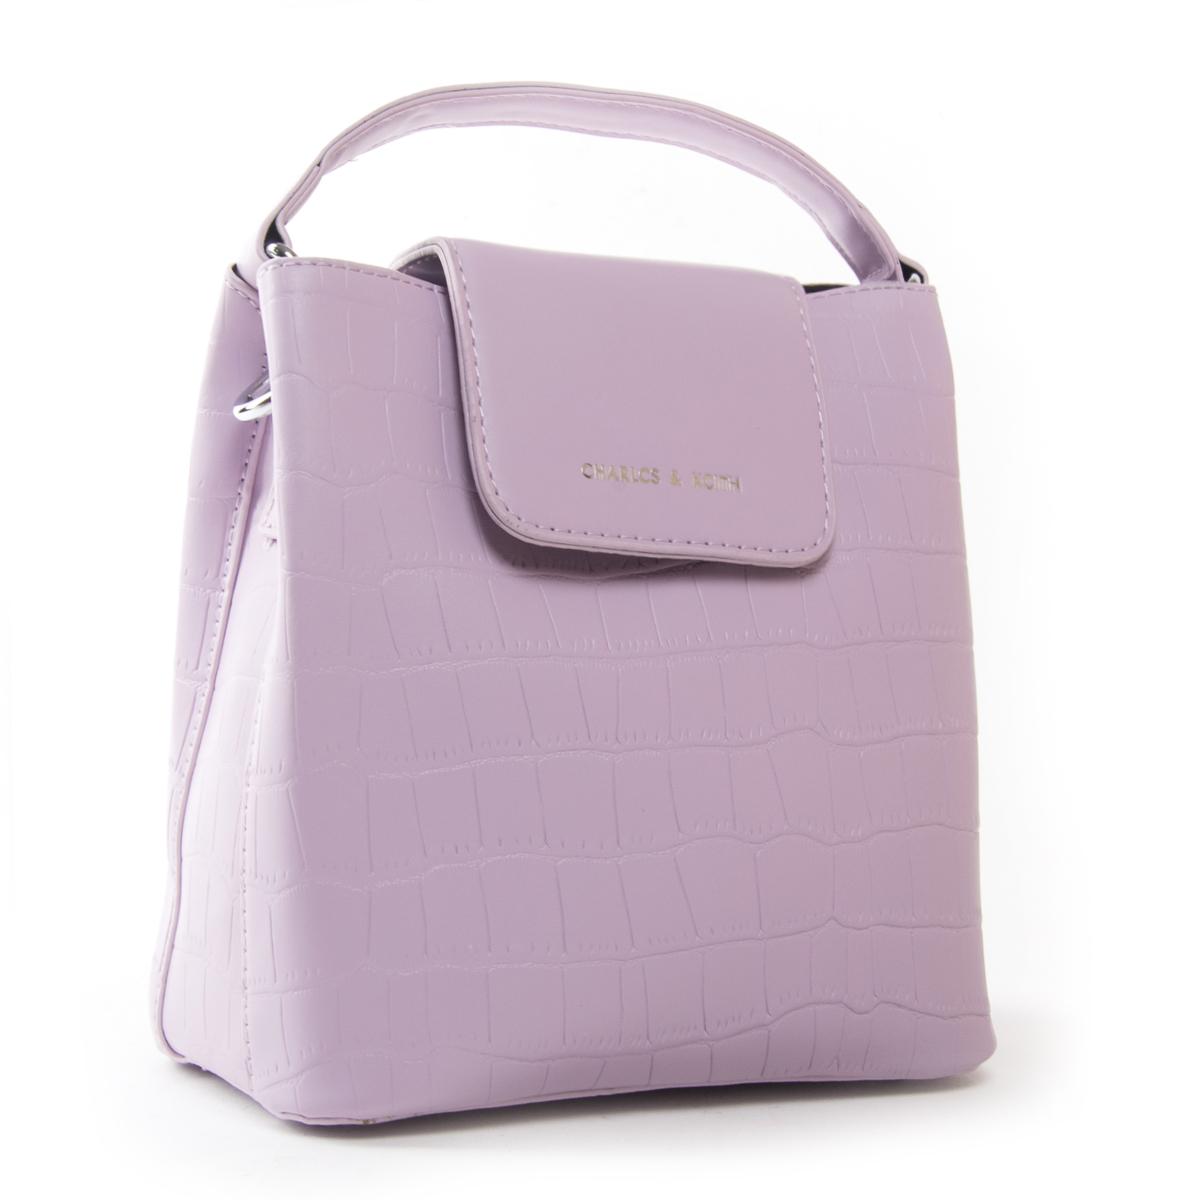 Сумка Женская Классическая иск-кожа FASHION 01-03 16905 purple